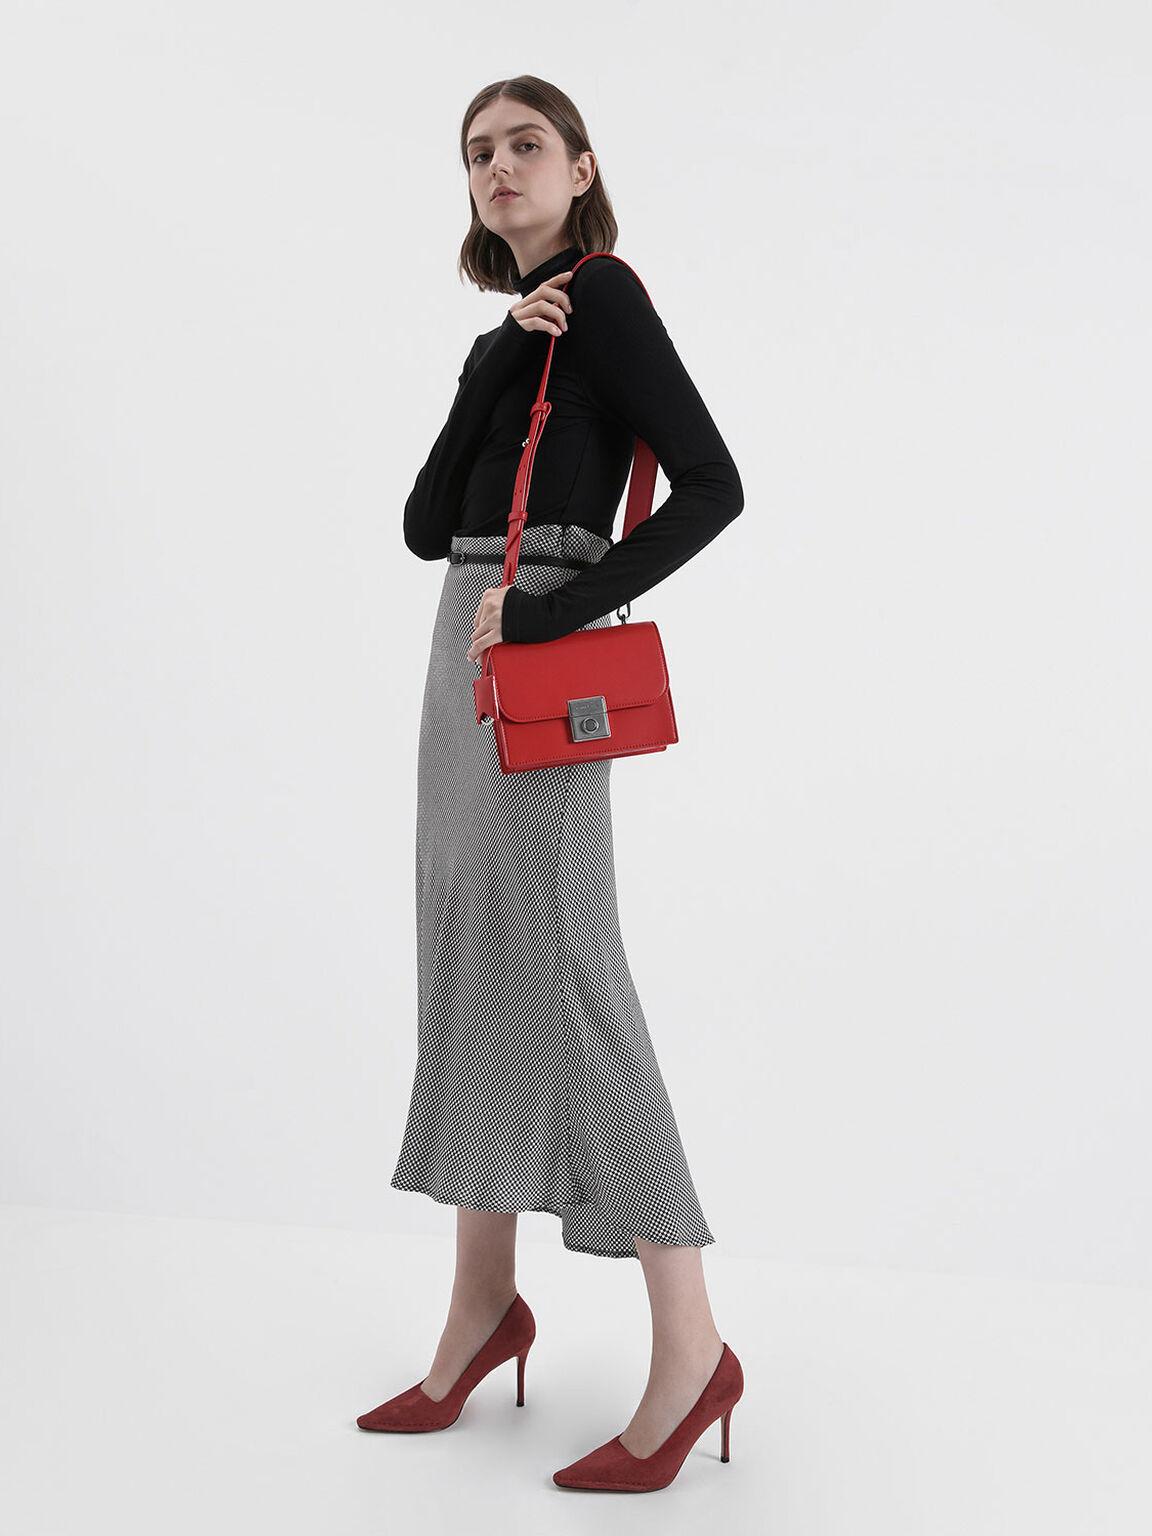 Stitch Trim Textured Stiletto Pumps, Red, hi-res